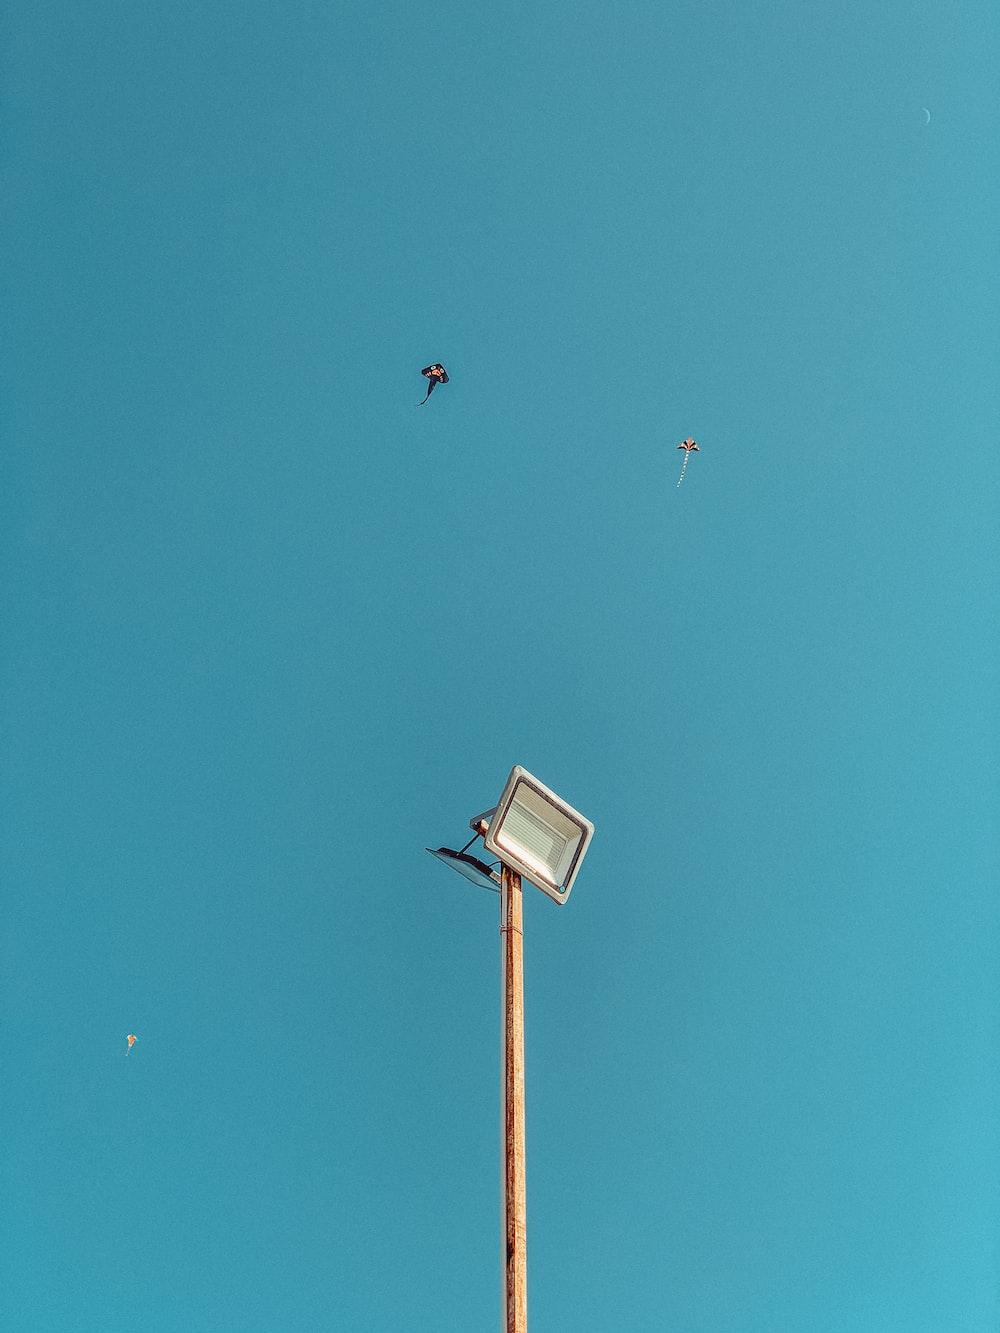 black and white bird flying over the street light